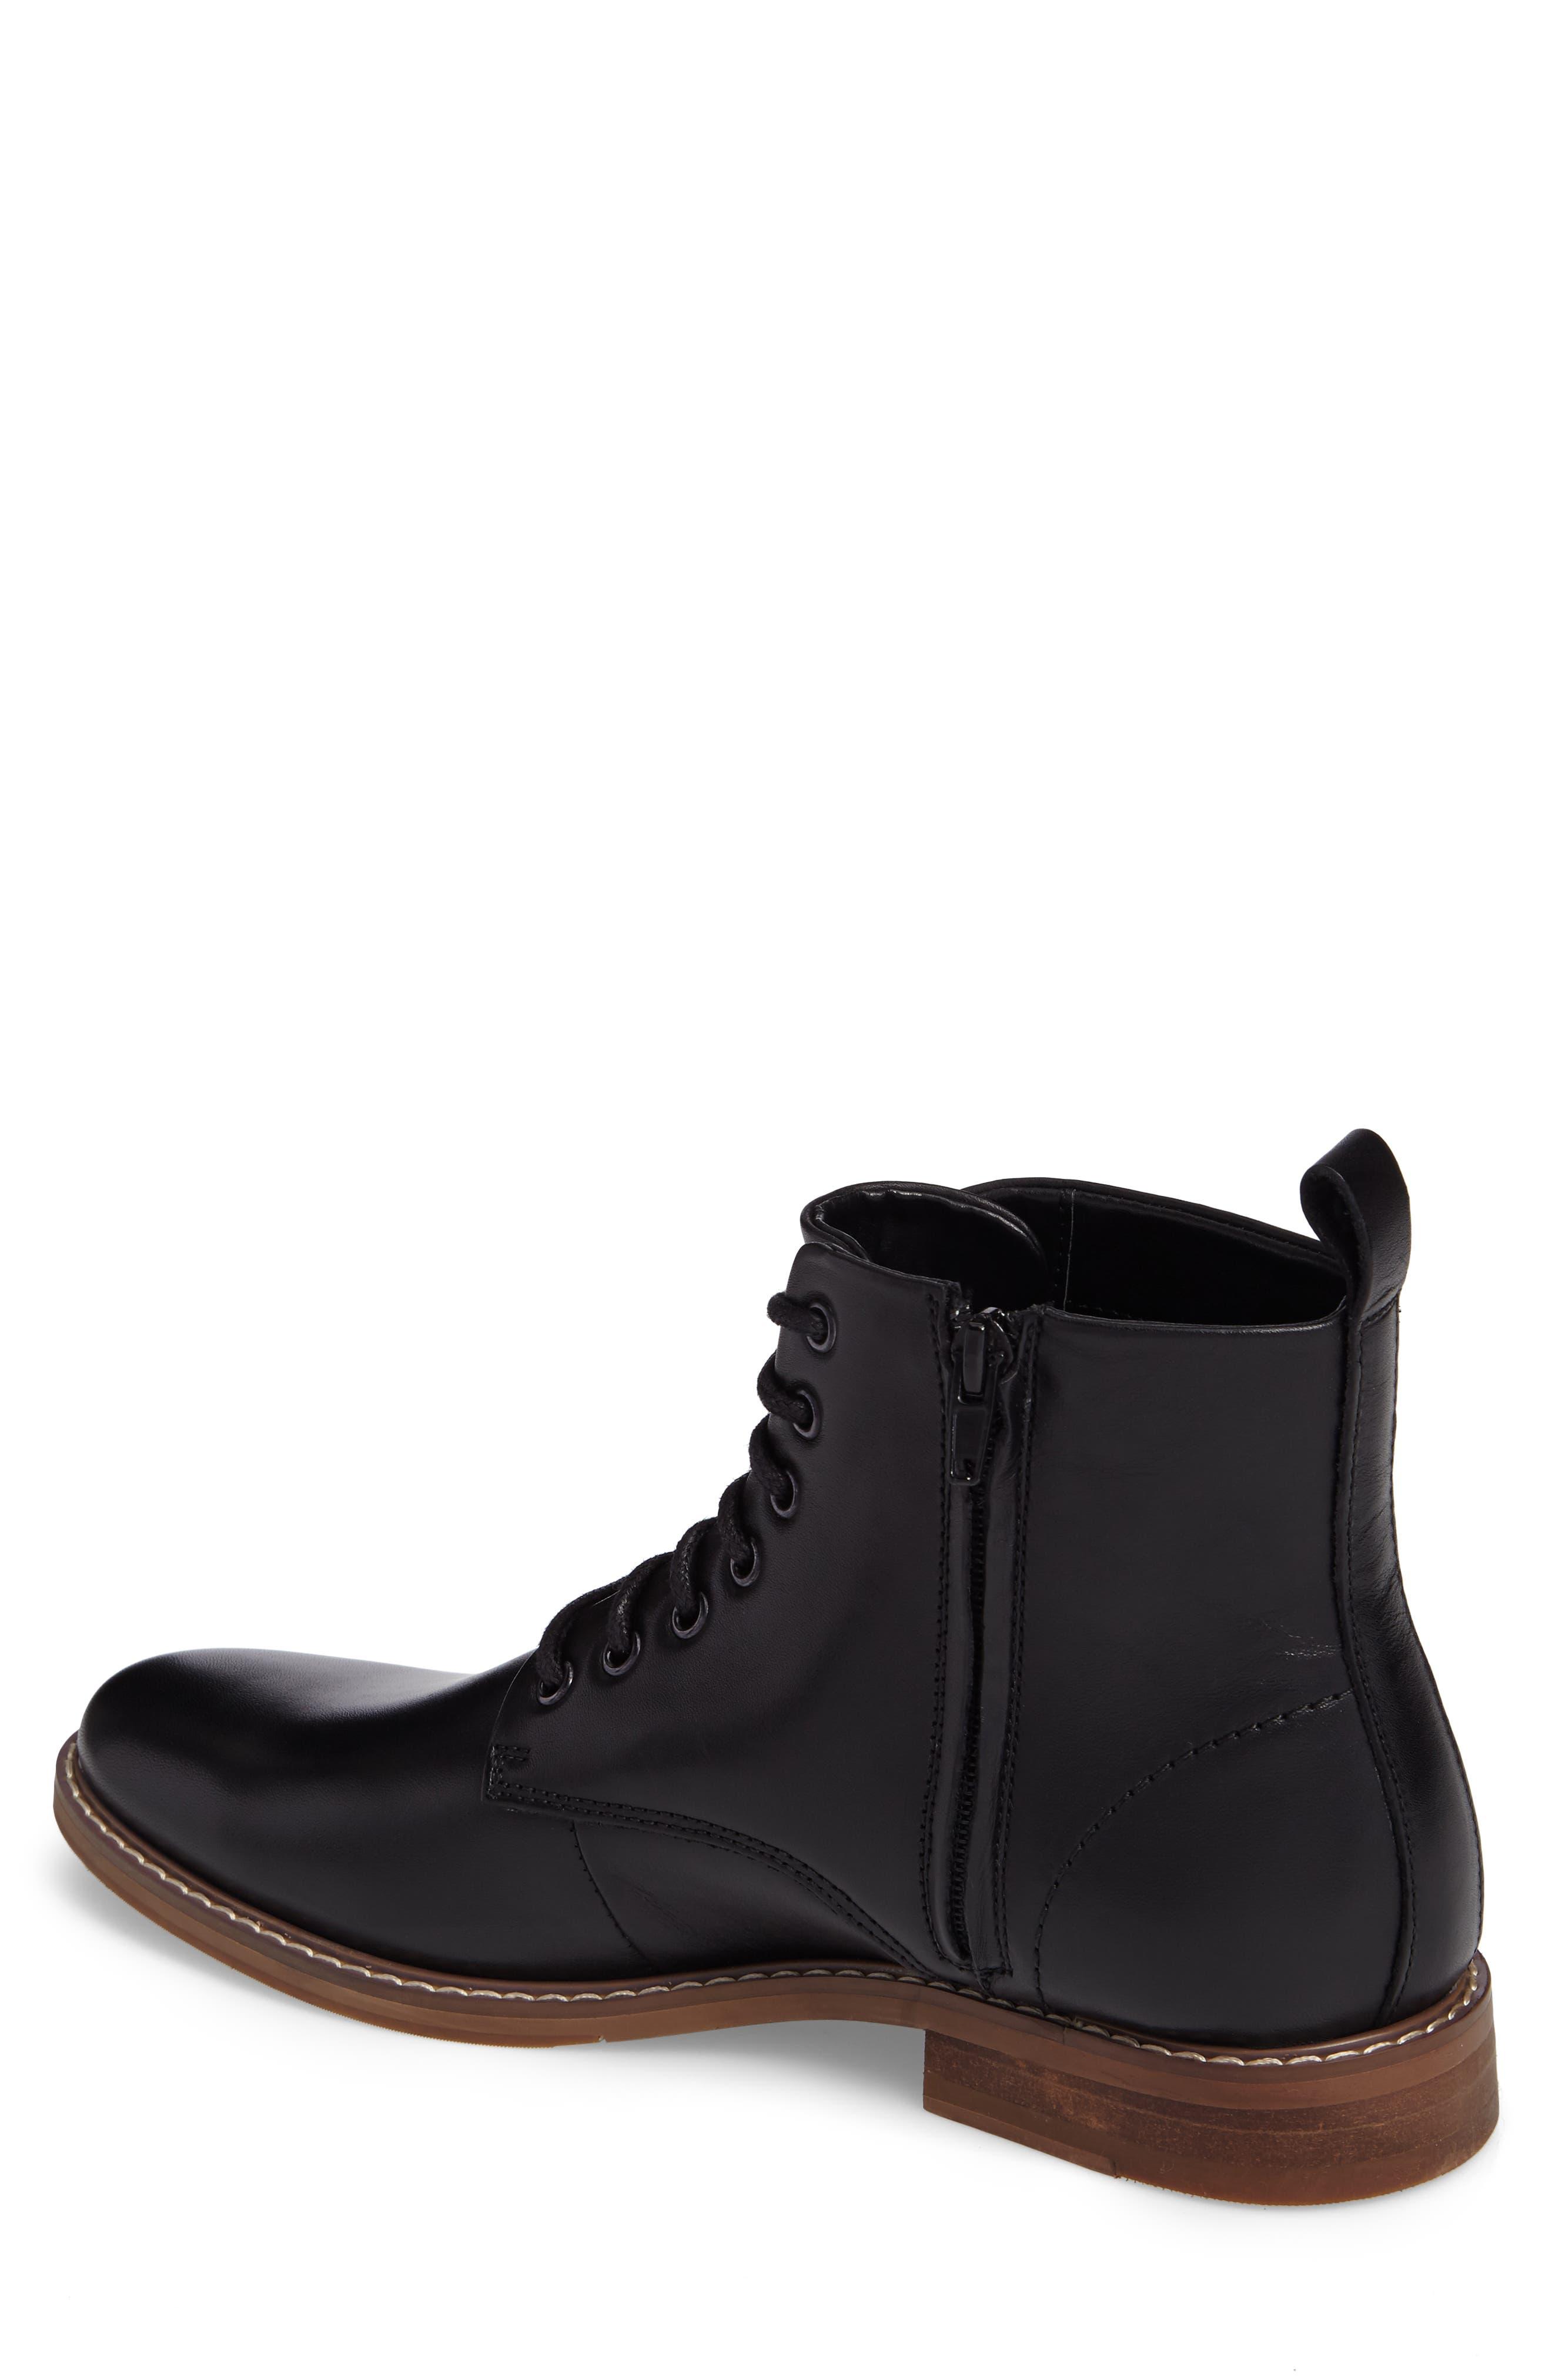 Albany Plain Toe Boot,                             Alternate thumbnail 2, color,                             Black Leather